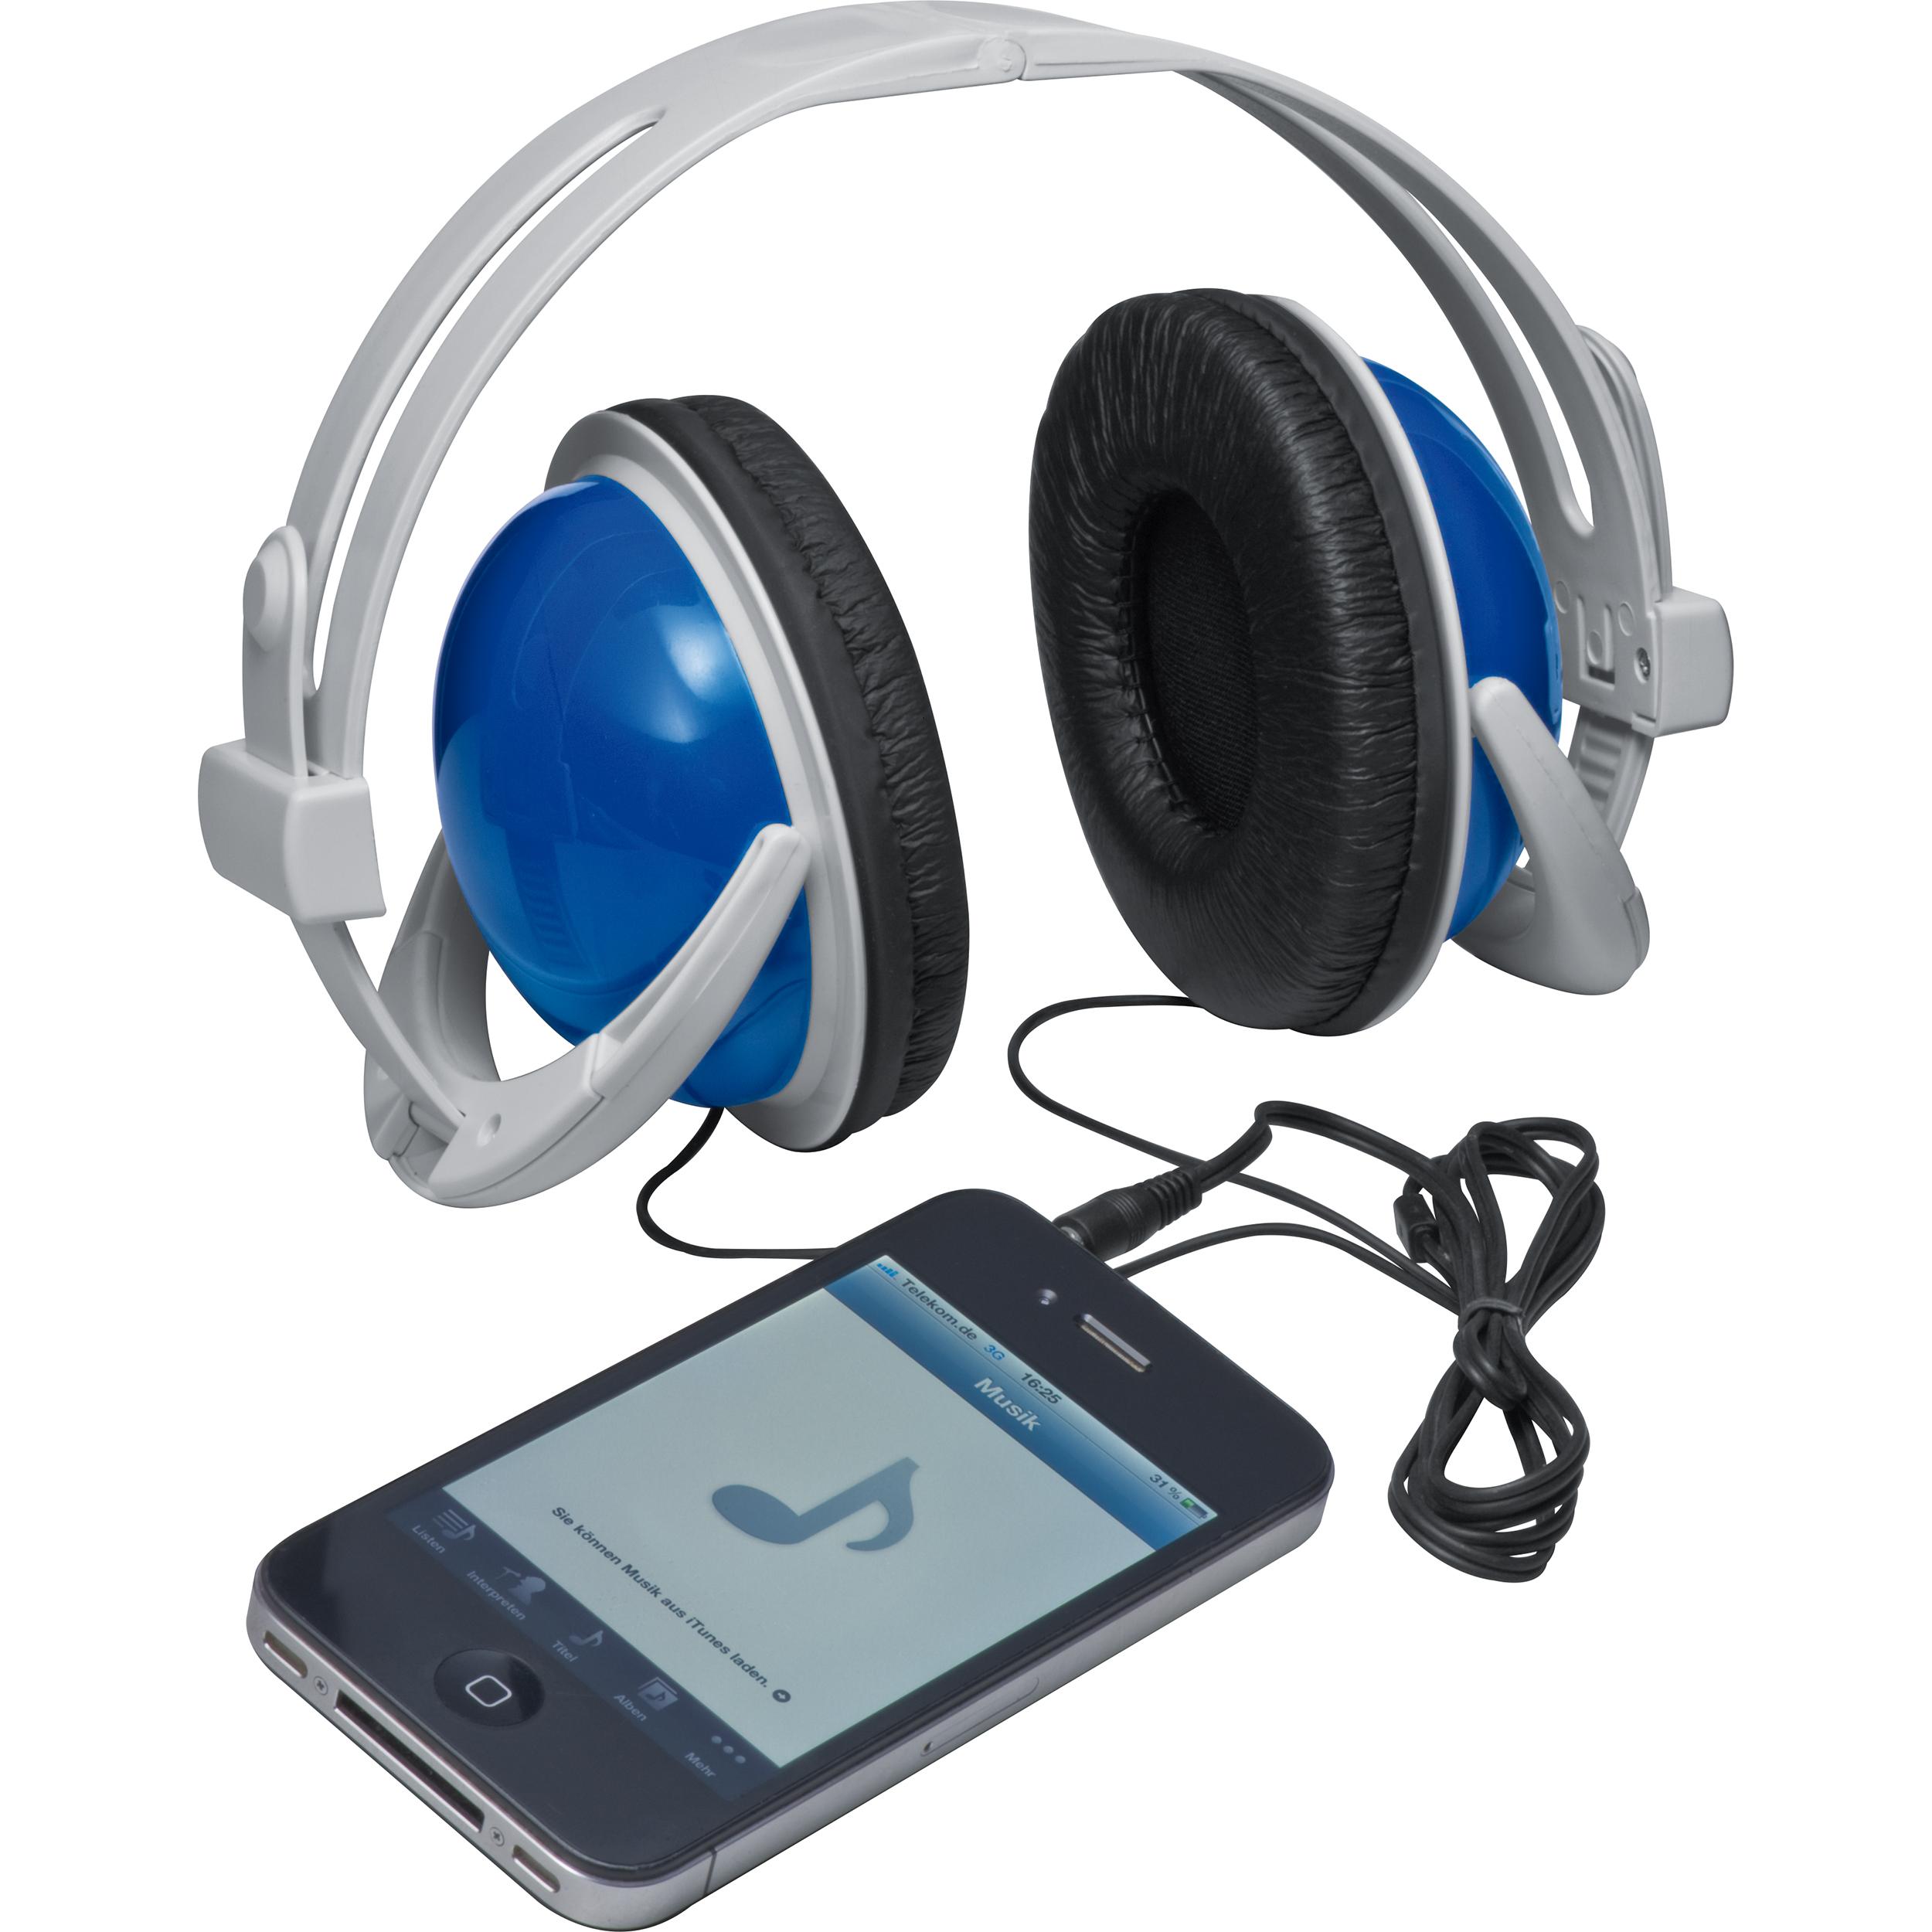 Casque audio avec écouteurs de couleur